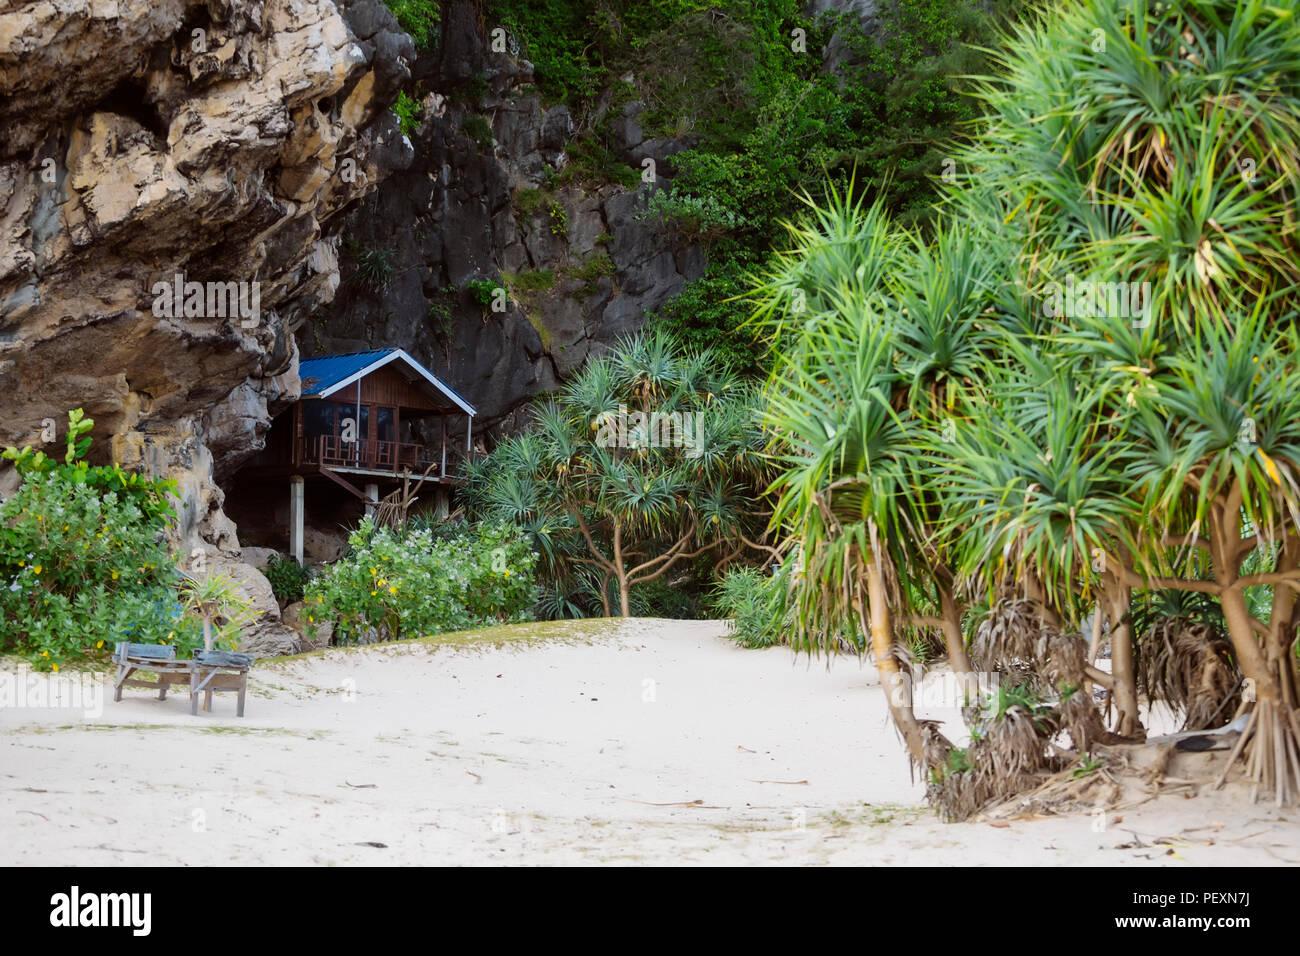 Bungalow cerca del acantilado, sobre la playa con palmeras, Banda Aceh, en Sumatra, Indonesia Foto de stock